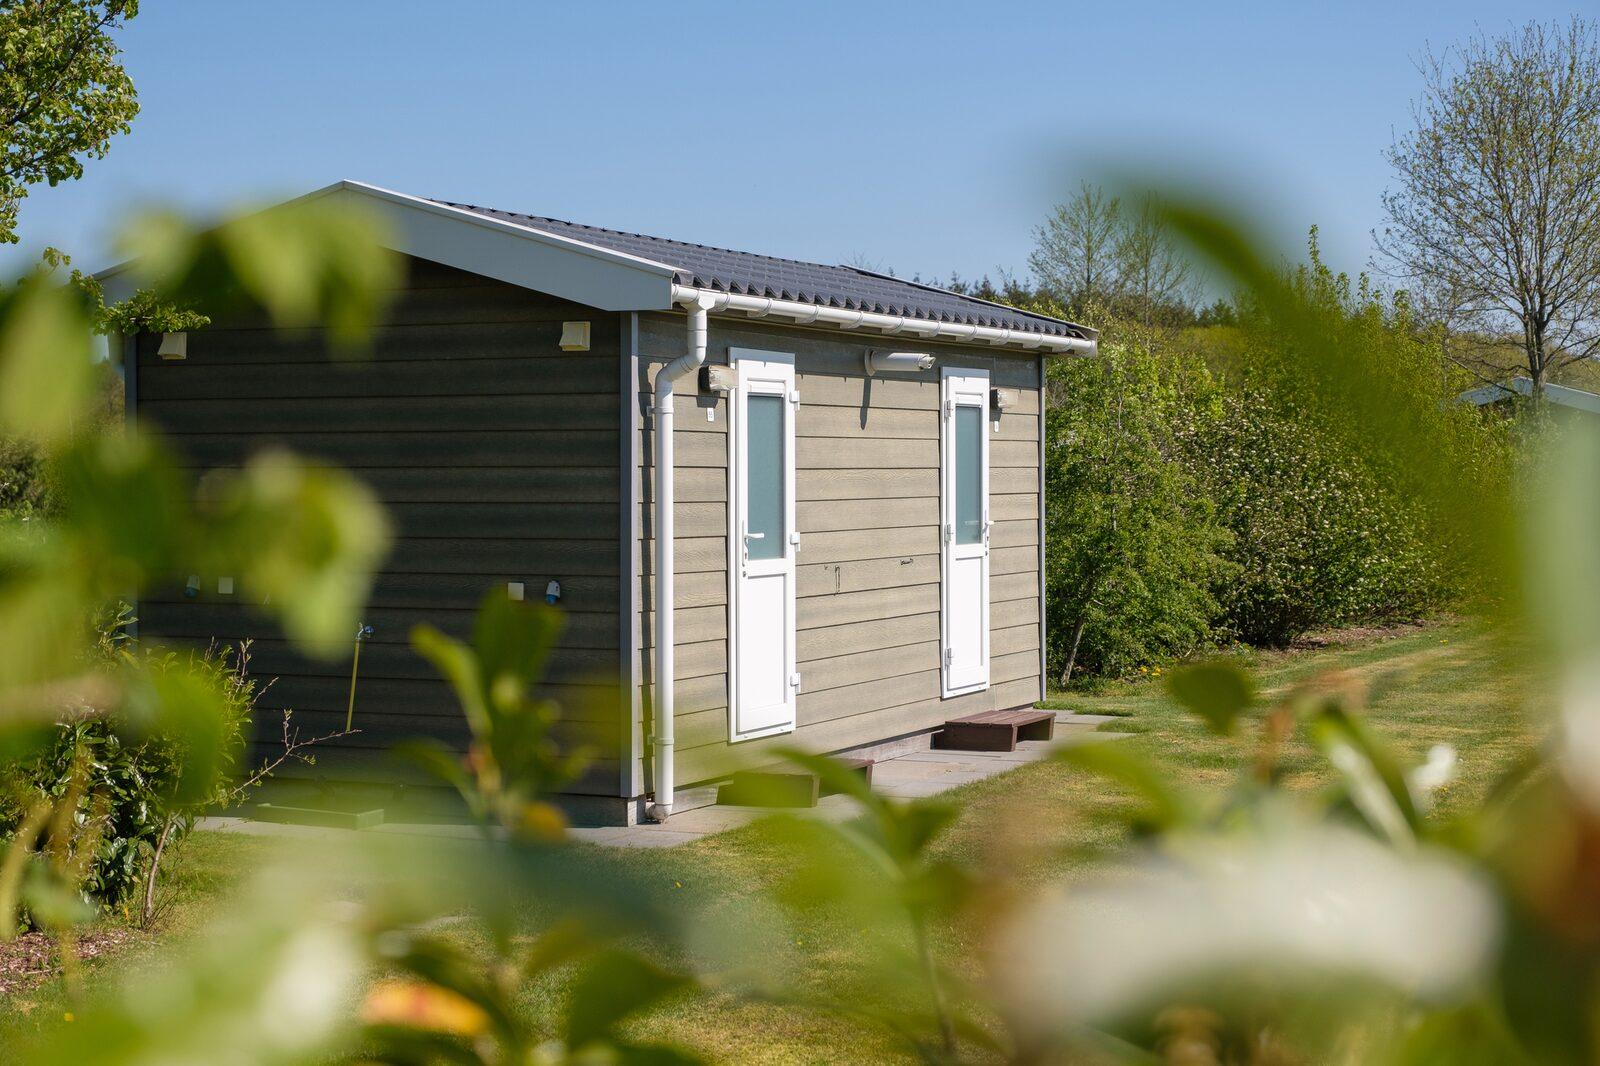 Pinksteren - comfort kampeerplaats met privé sanitair